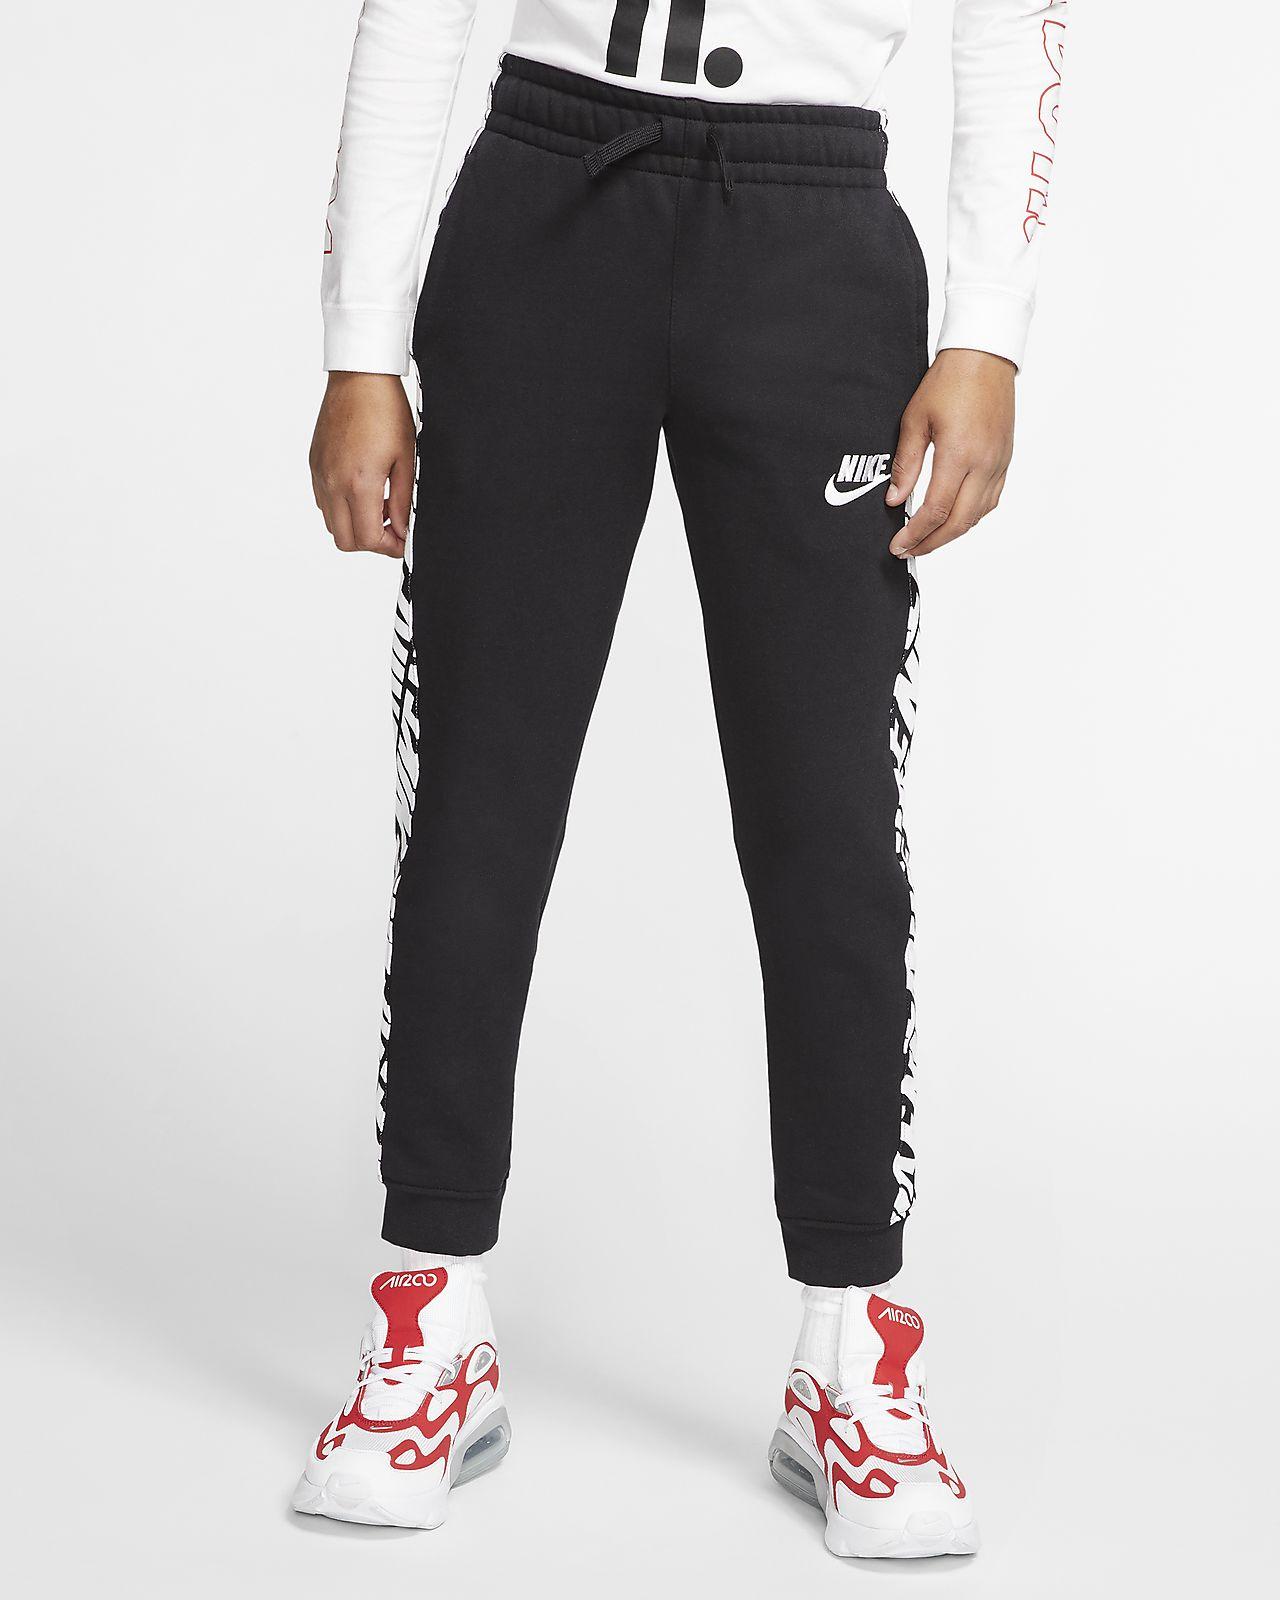 Pantalon en molleton Nike Sportswear pour Garçon plus âgé